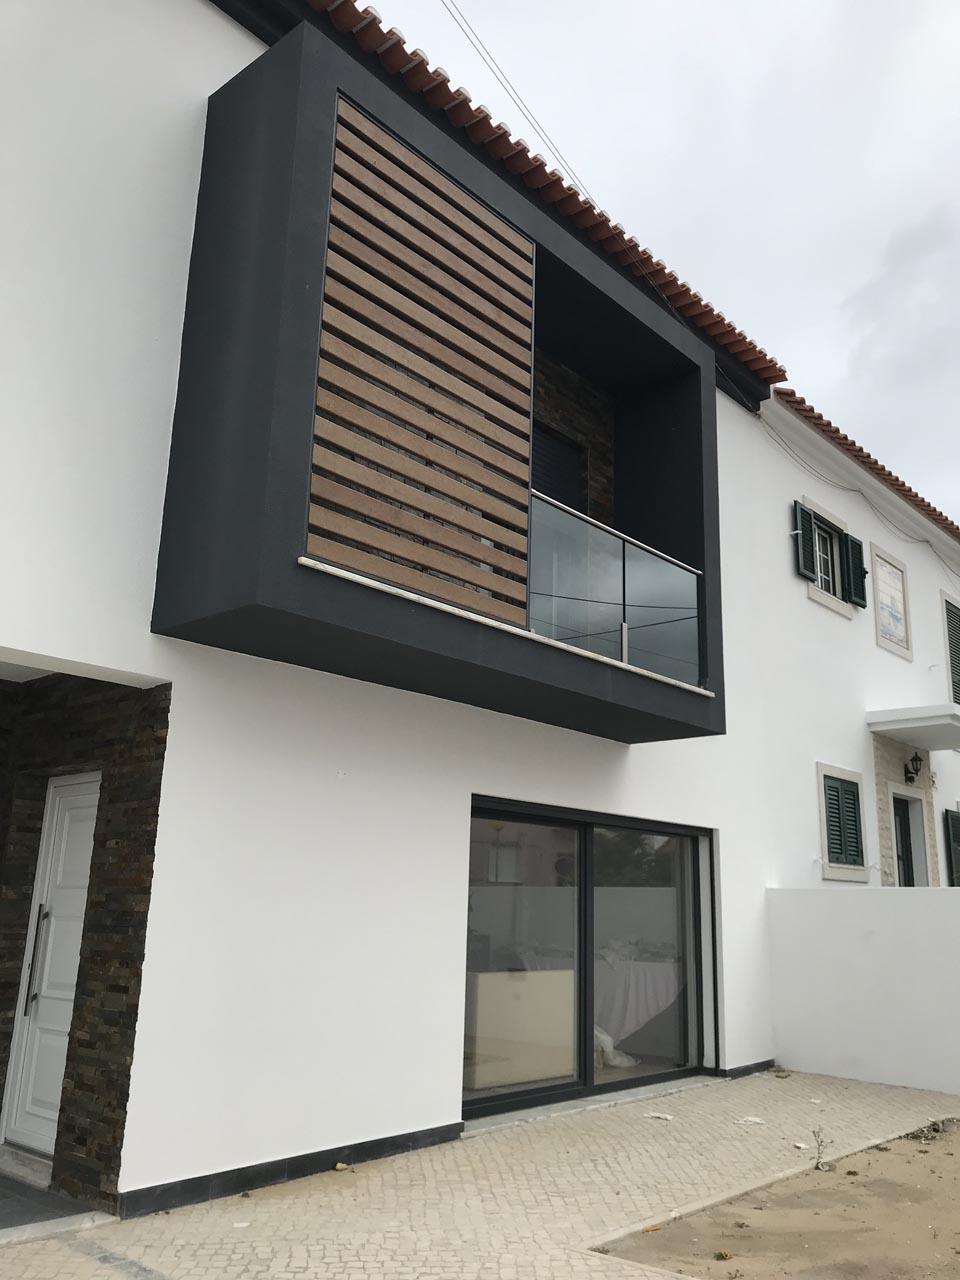 https://www.araujo-arquitectura.pt/wp-content/uploads/2020/12/IMG_7754.jpg